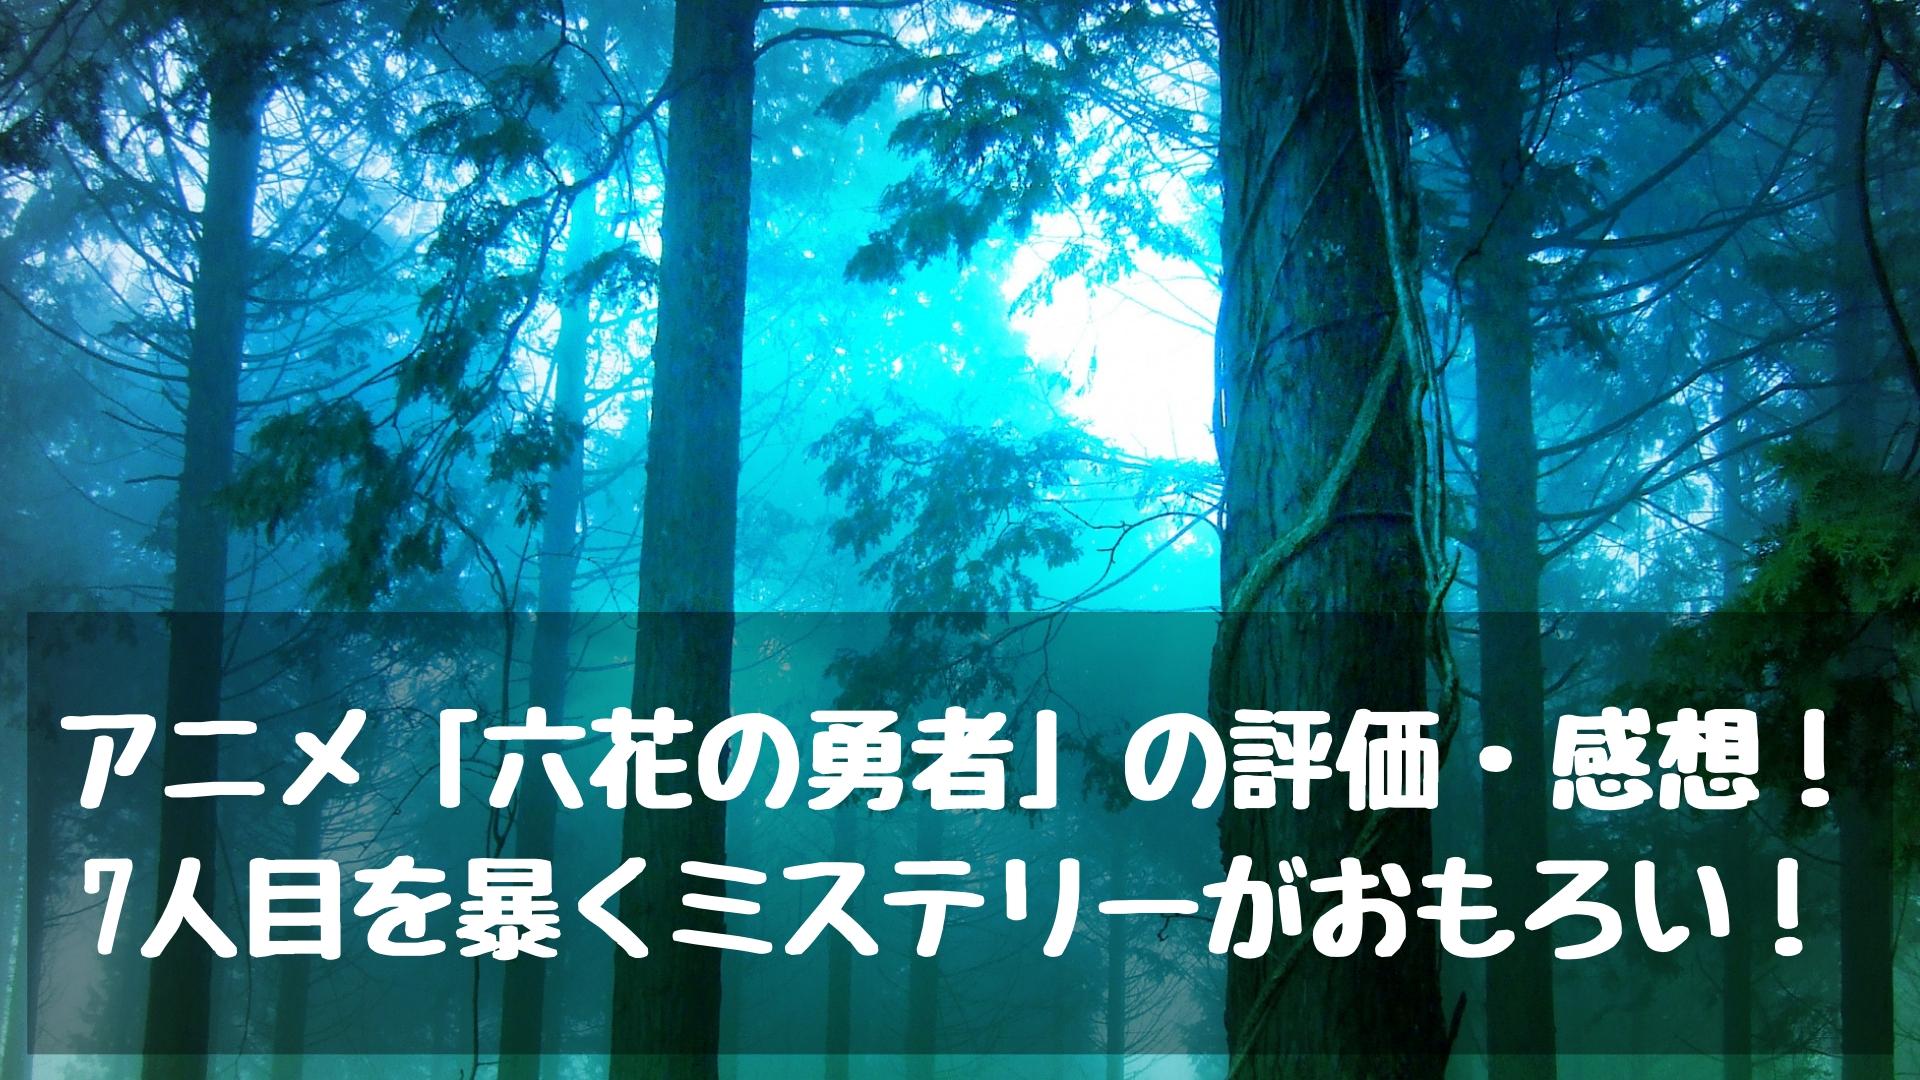 アニメ「六花の勇者」の評価・感想!7人目を暴くミステリーがおもろい!